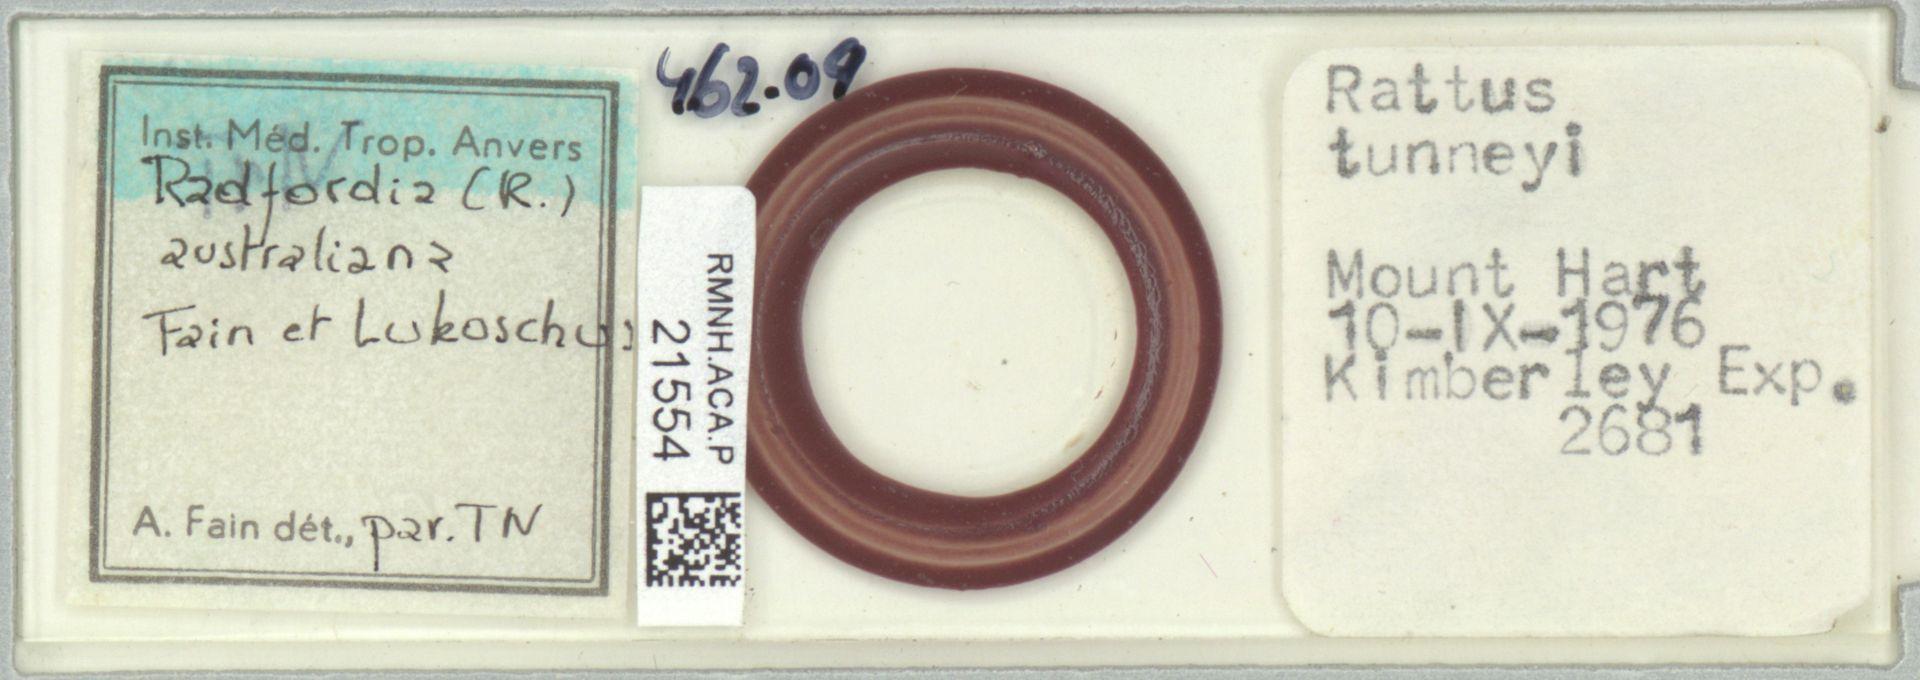 RMNH.ACA.P.21554 | Radfordia Fain et Lukoschus